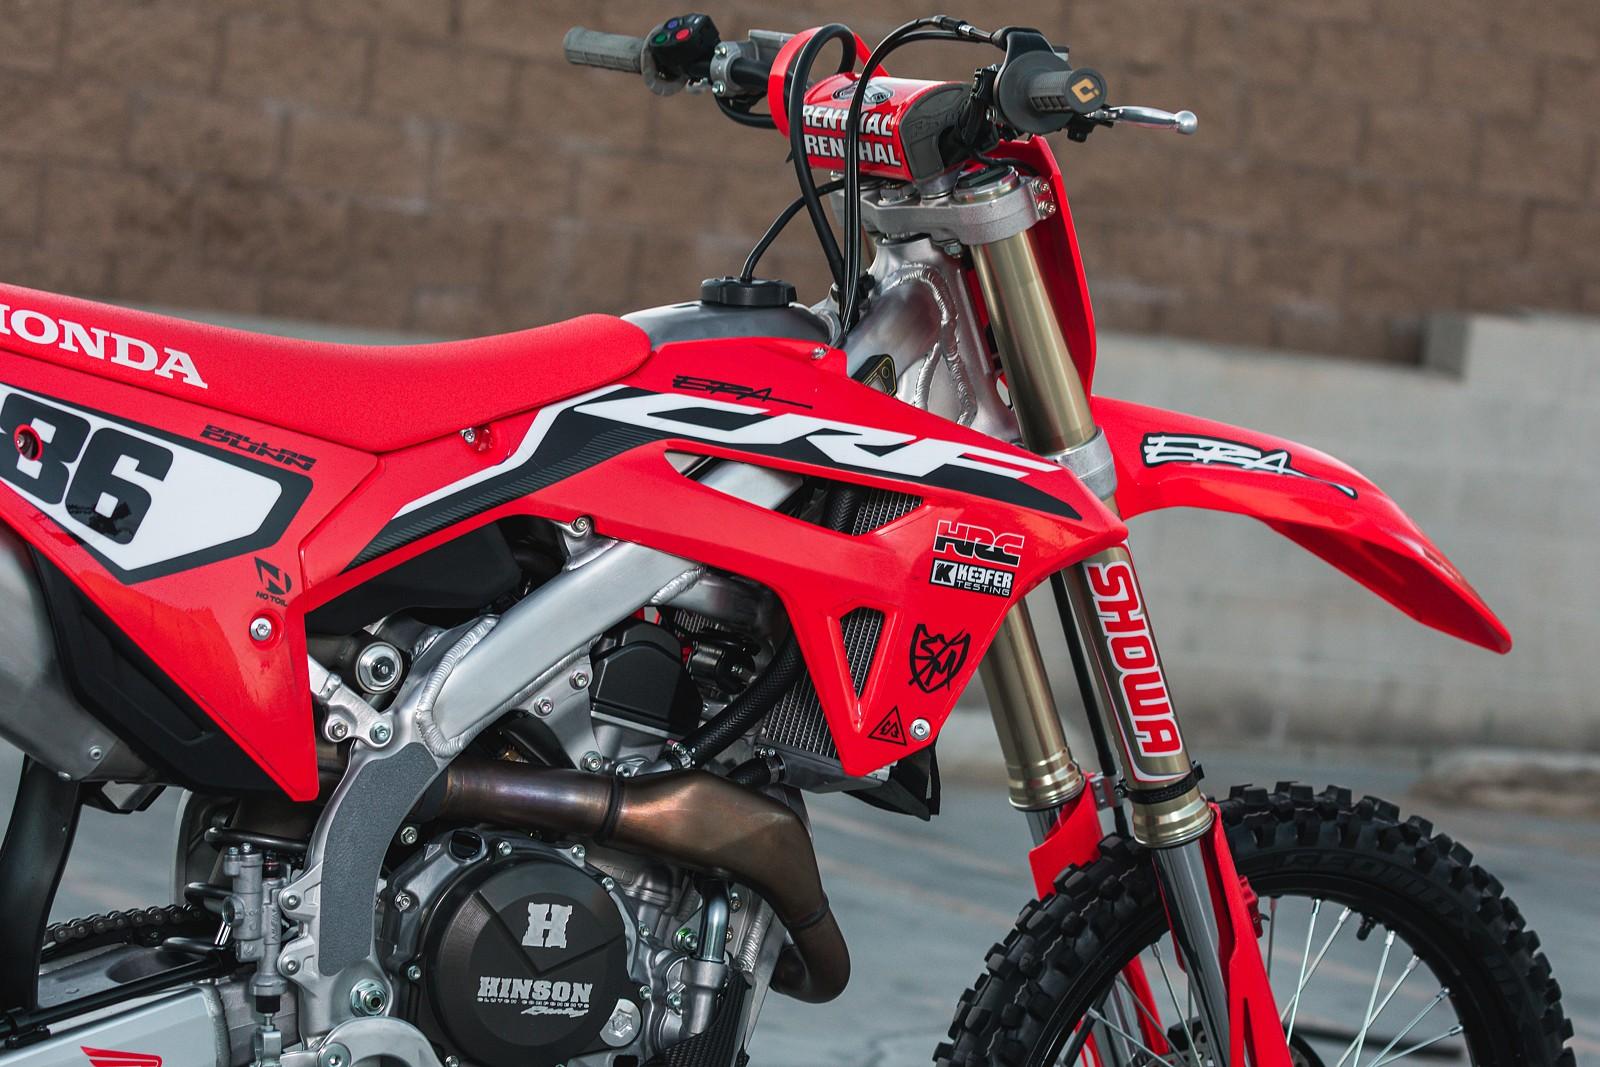 2021 CRF450R - DDunn86 - Motocross Pictures - Vital MX